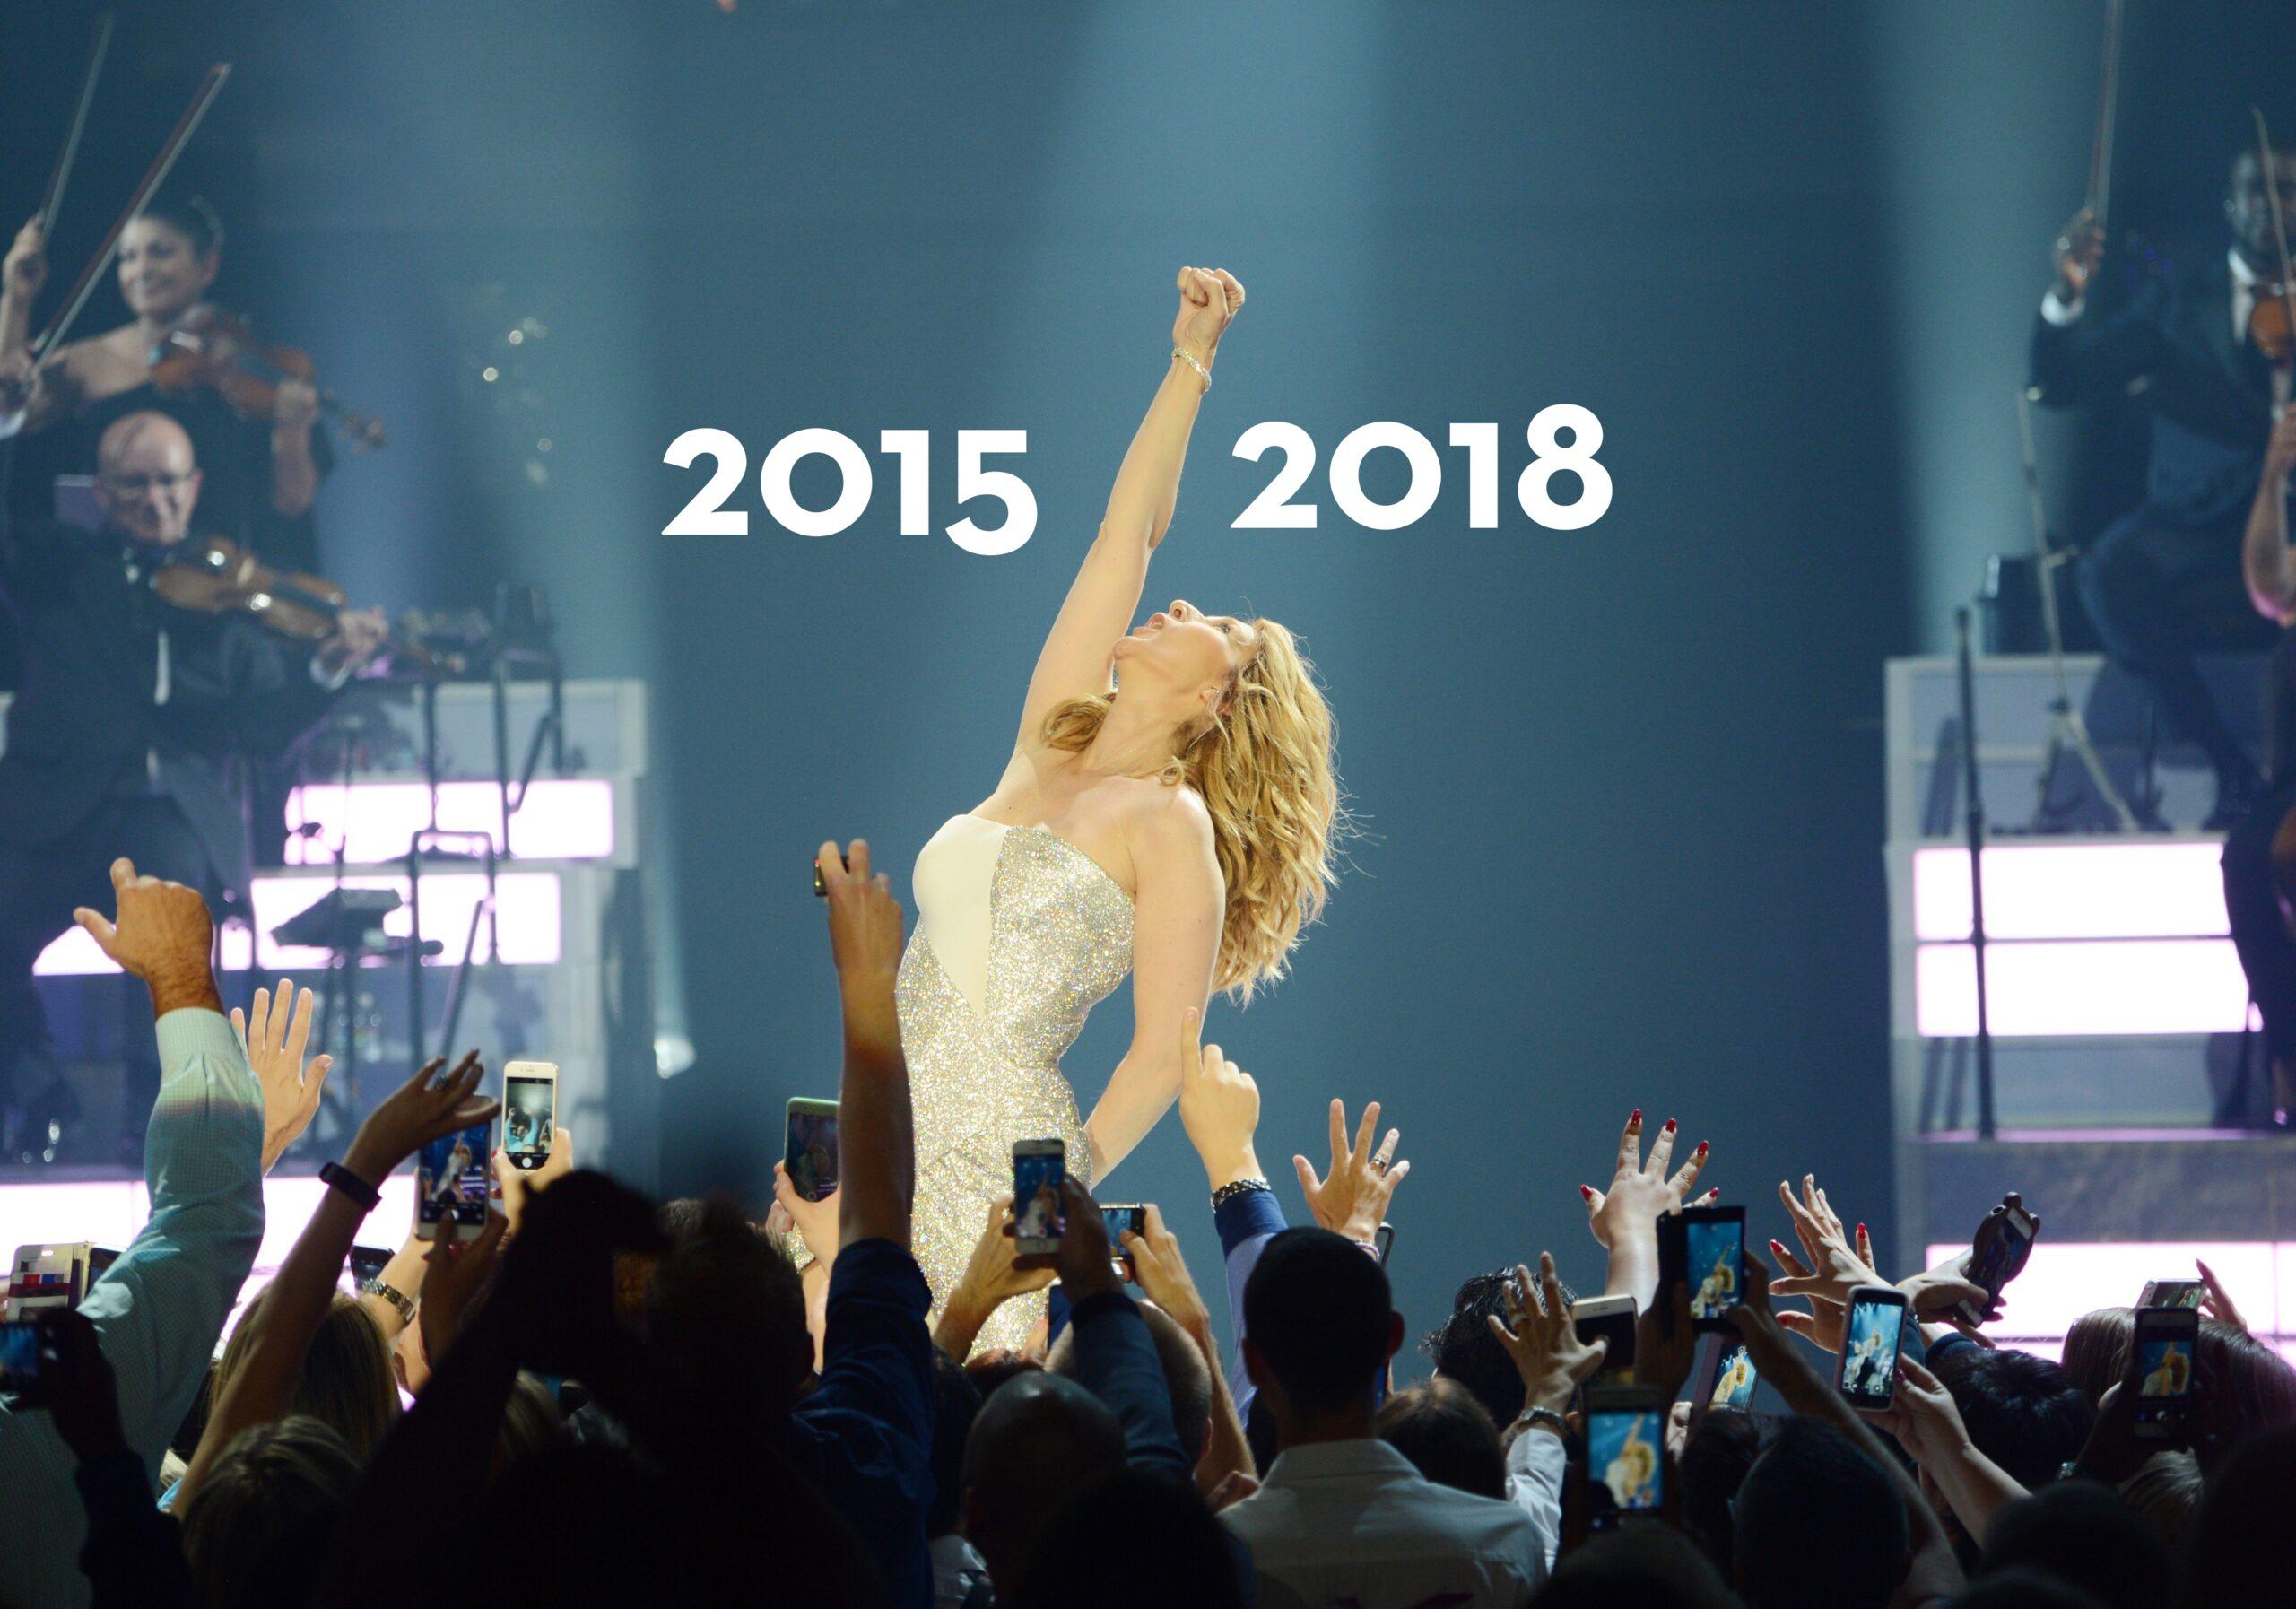 Las Vegas (2015-2018)